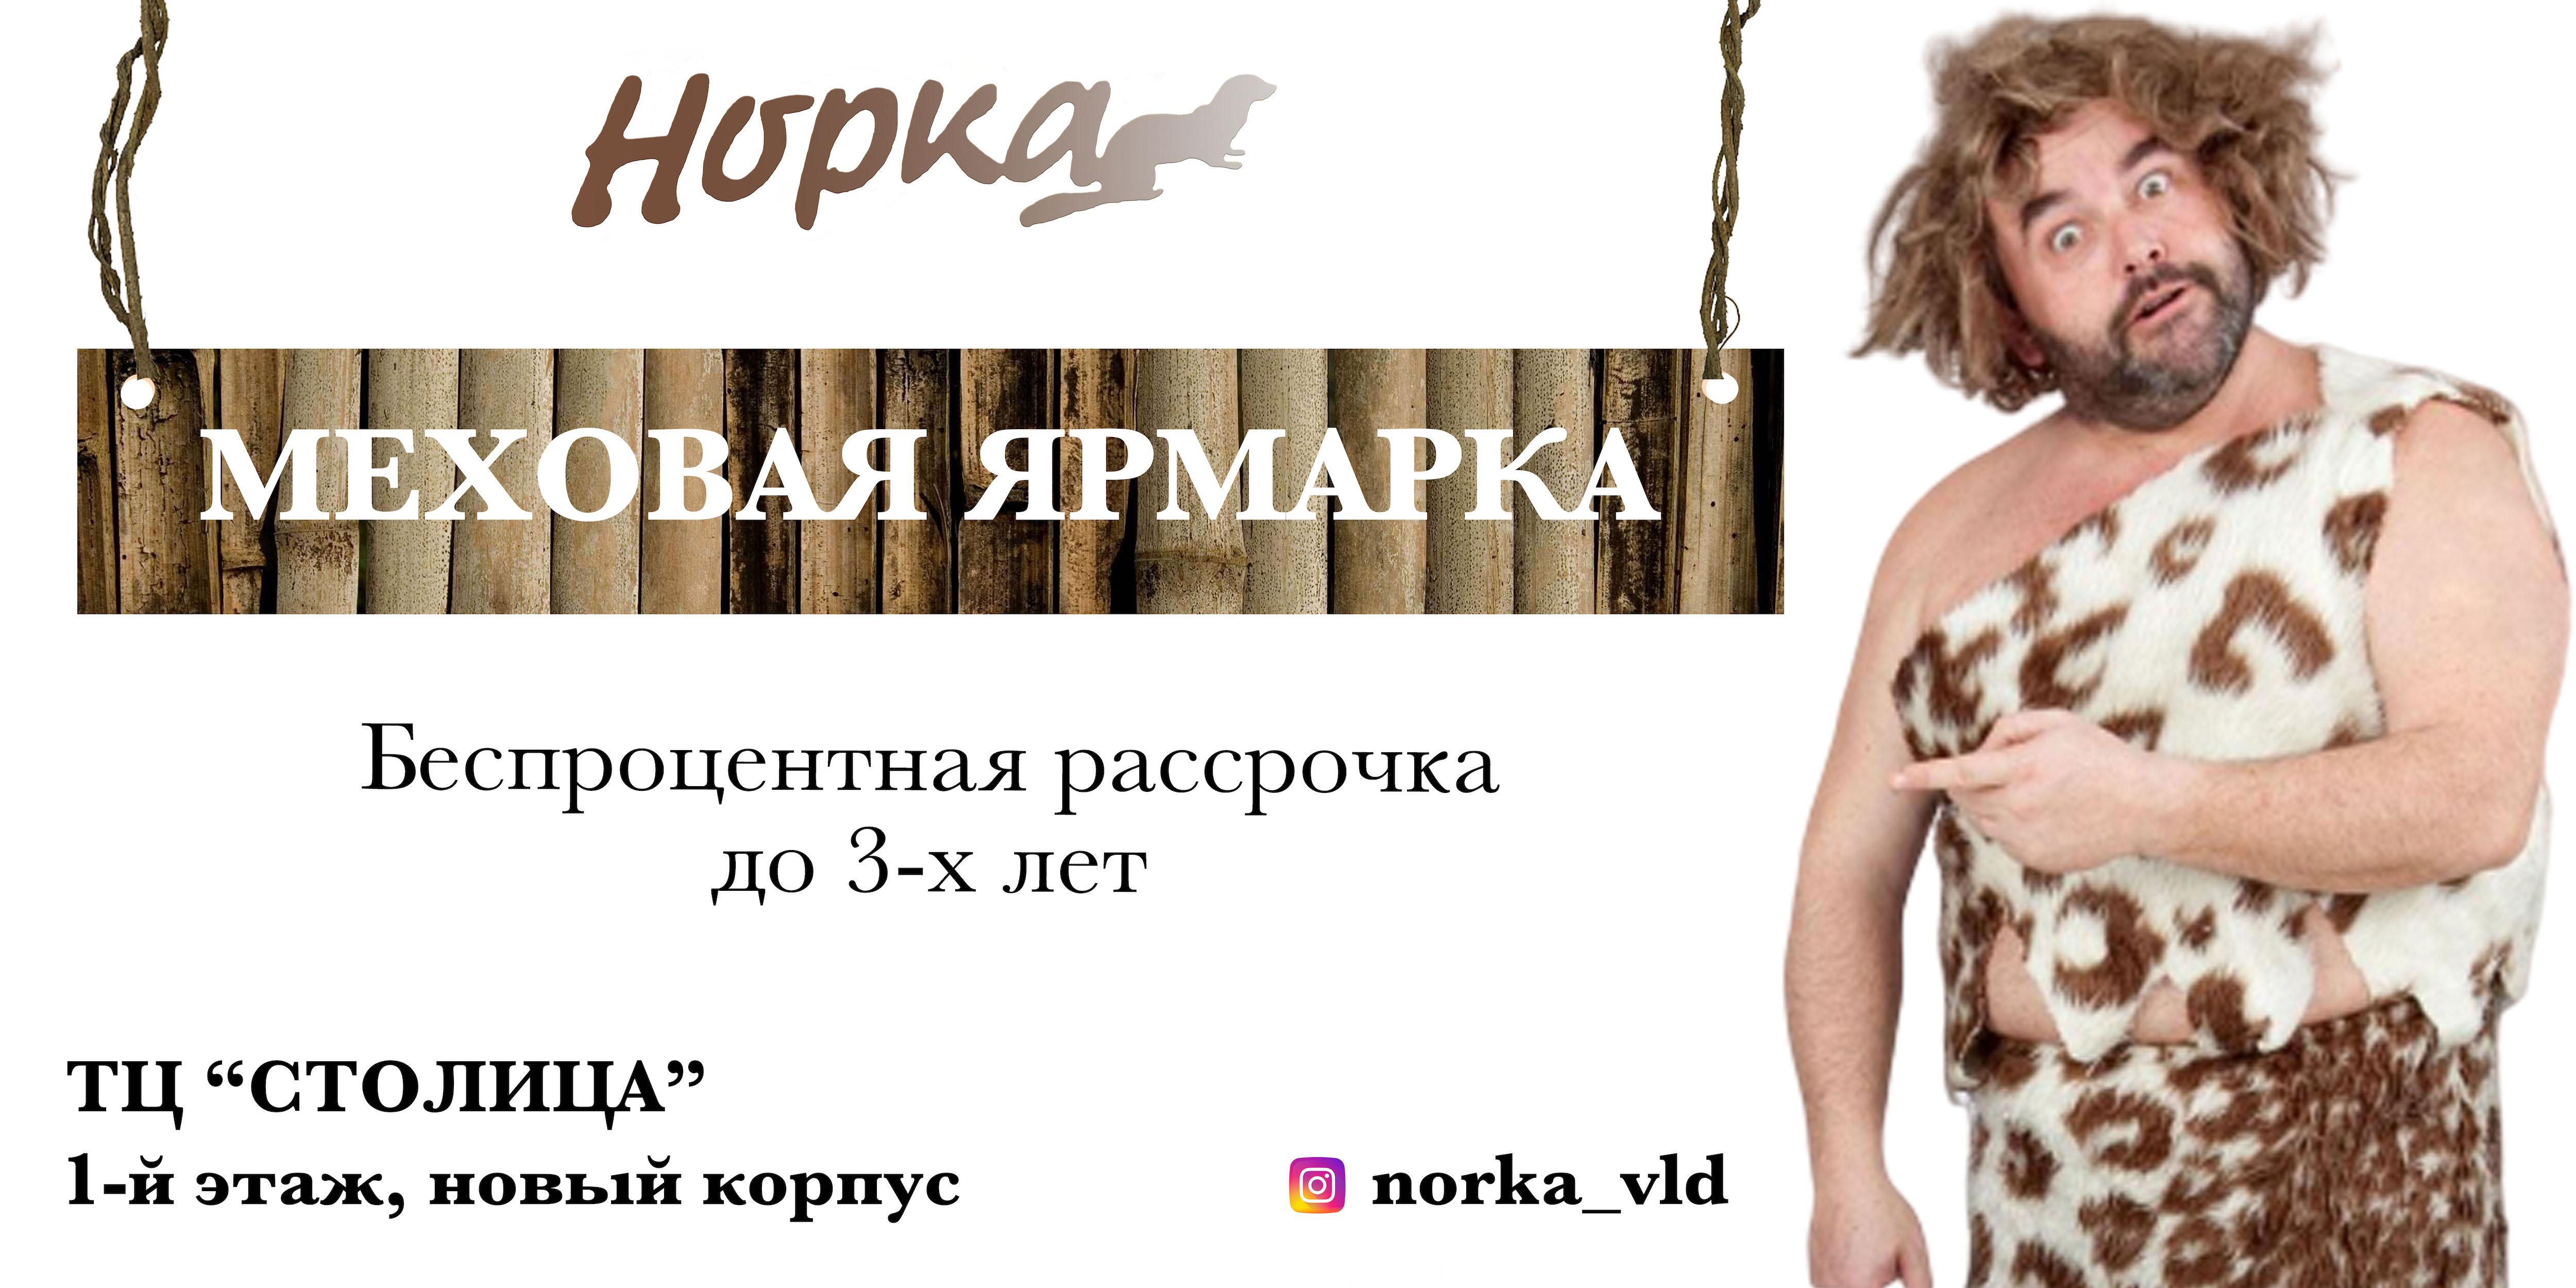 Дизайнера для создания Банера  фото f_7005da2f55bbfe7a.jpg